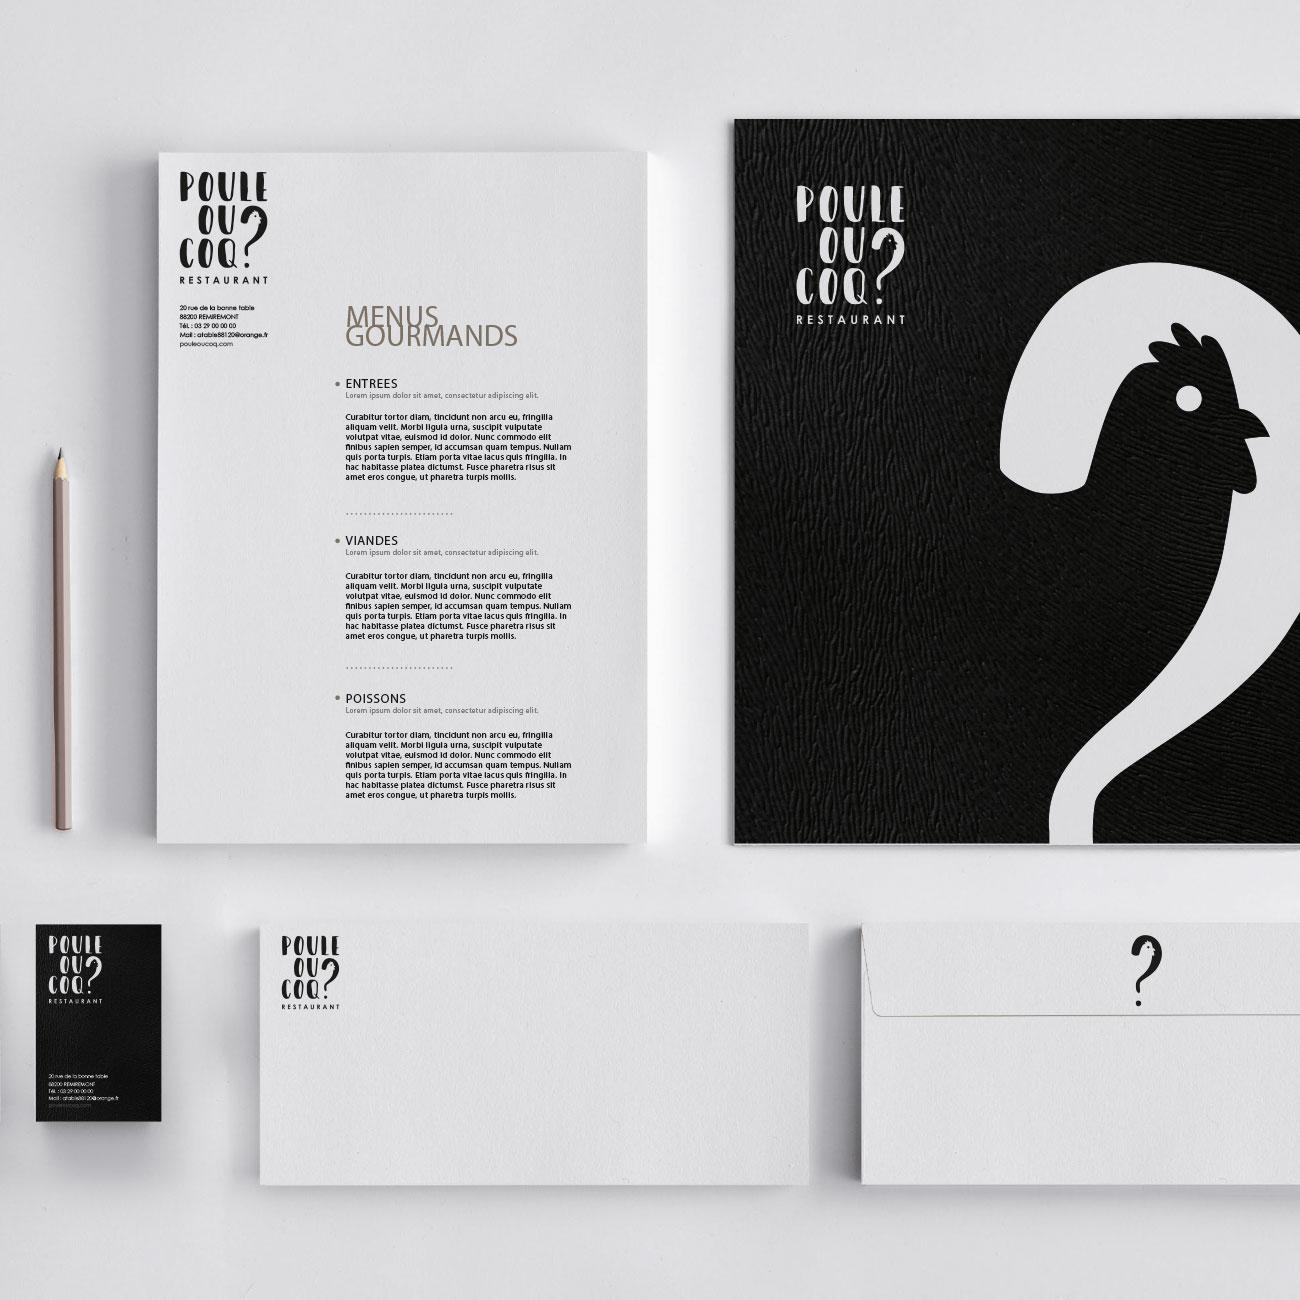 Création de logo pour le restaurant Poule ou Coq